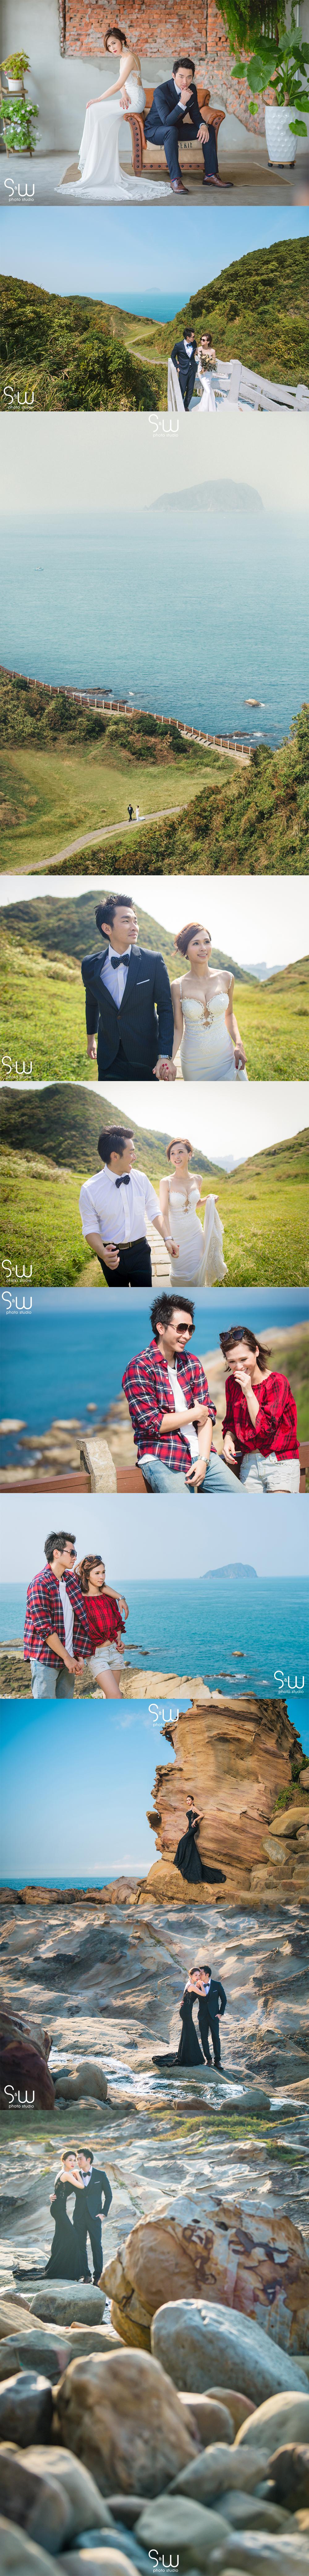 婚紗攝影|台北陽明山+北海岸|台北婚紗